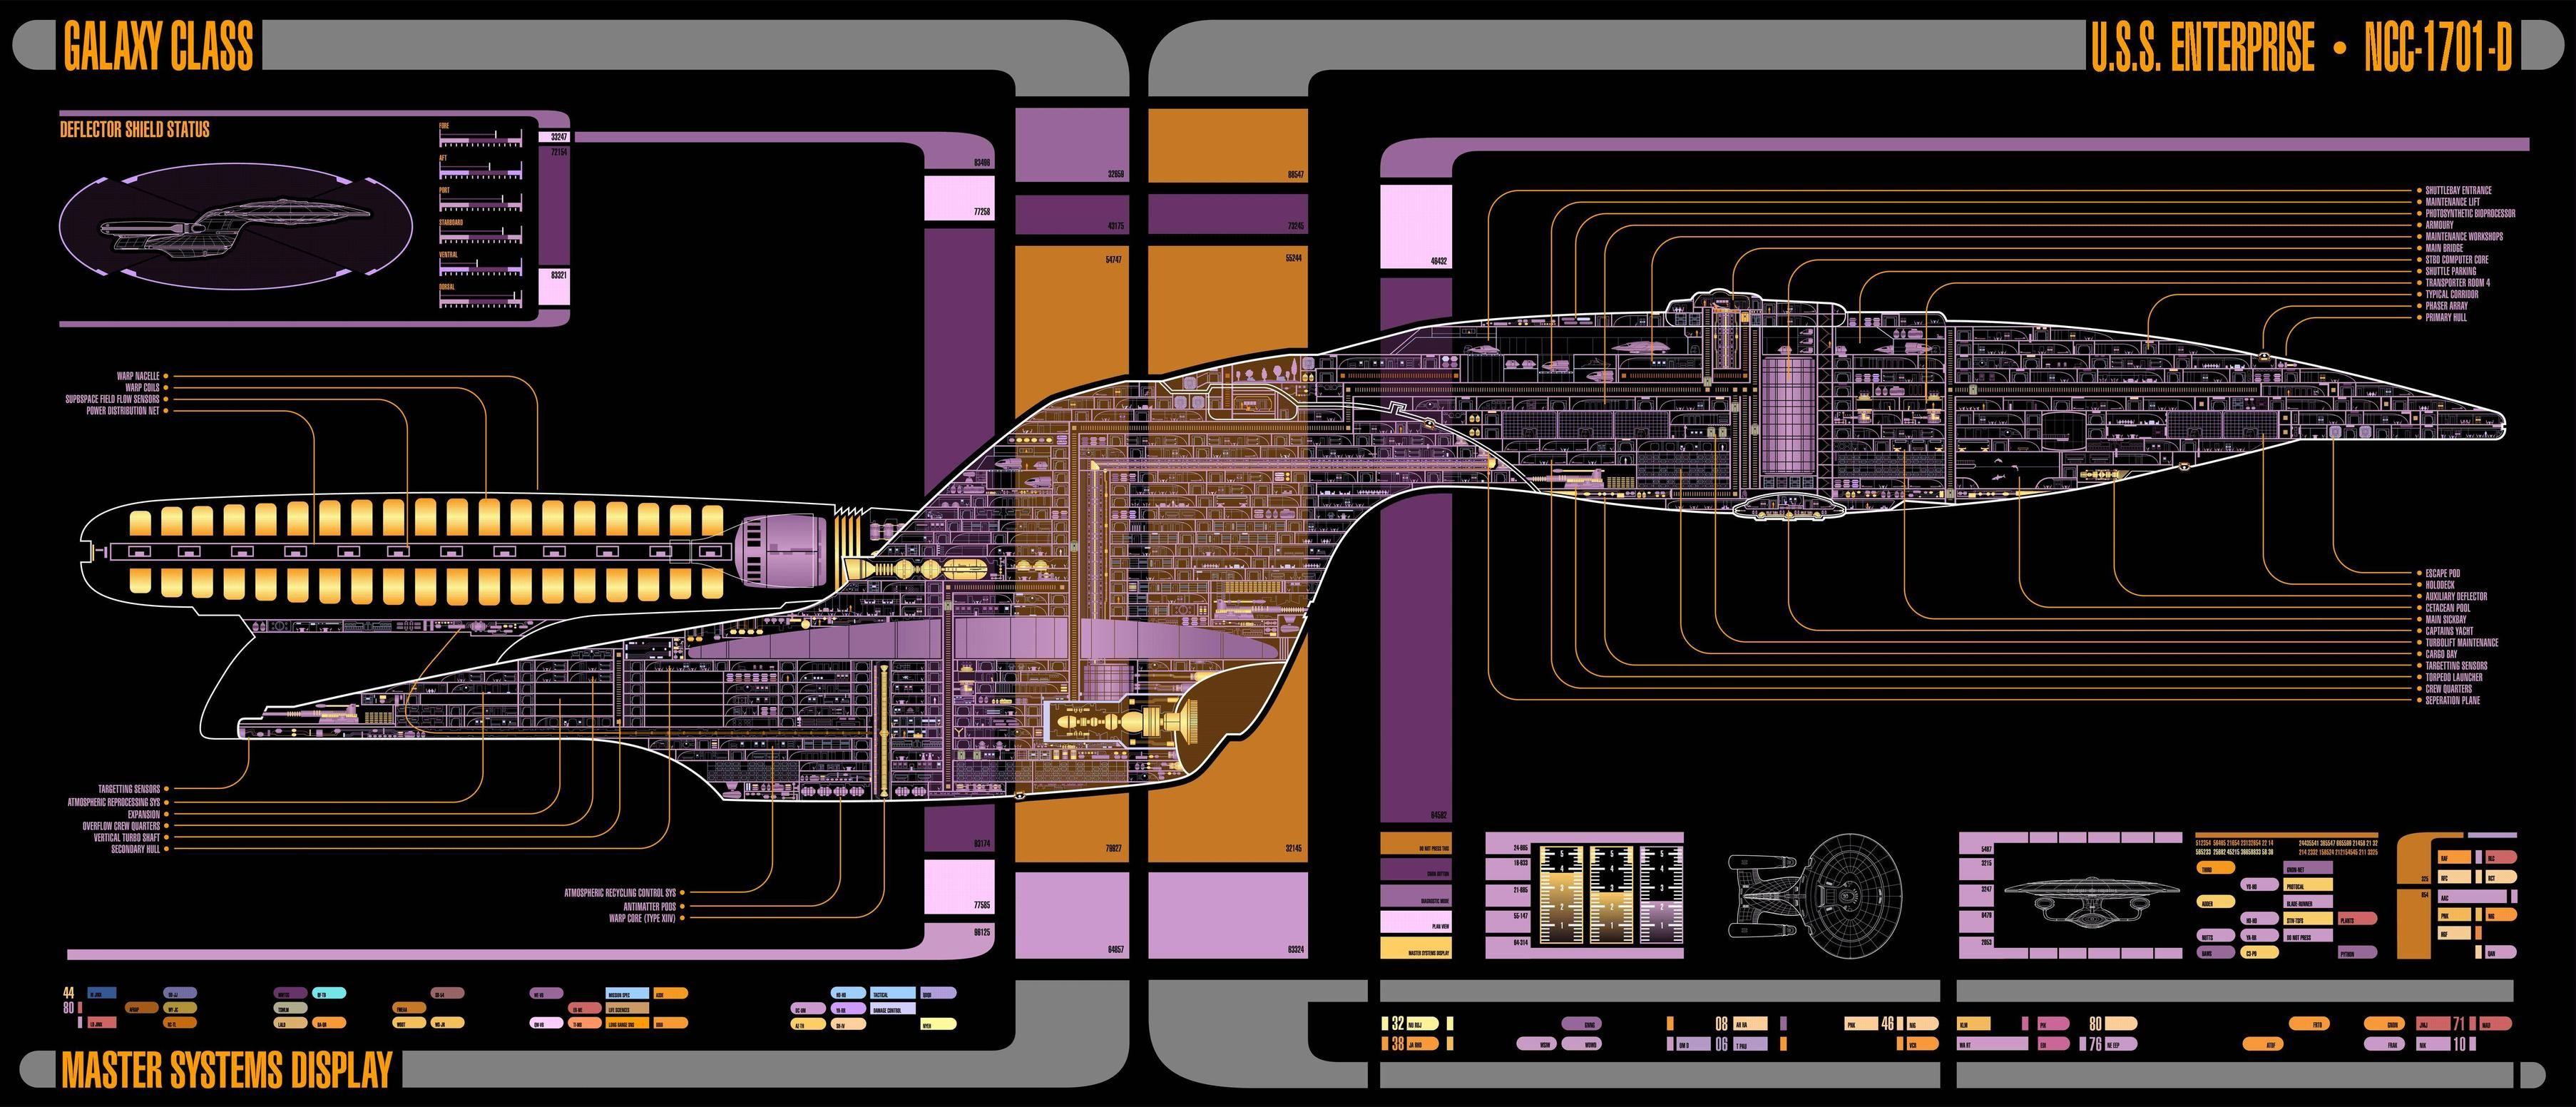 Icars schematic of uss enterprise ncc-1701 d enterprise ncc, schematic